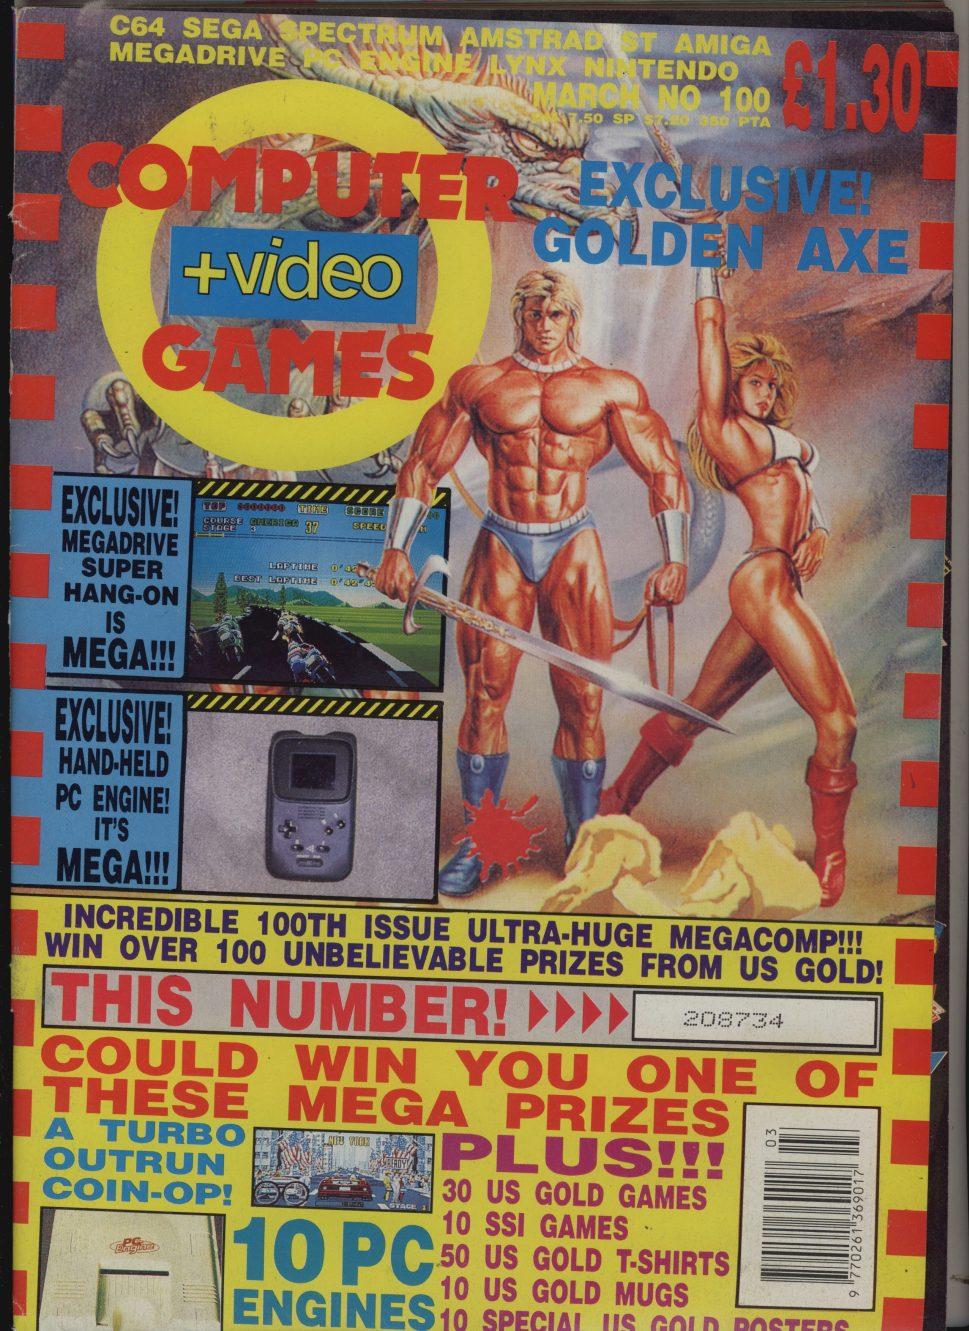 http://www.smspower.org/uploads/Scans/CVG-Magazine-Issue100-Cover.jpg